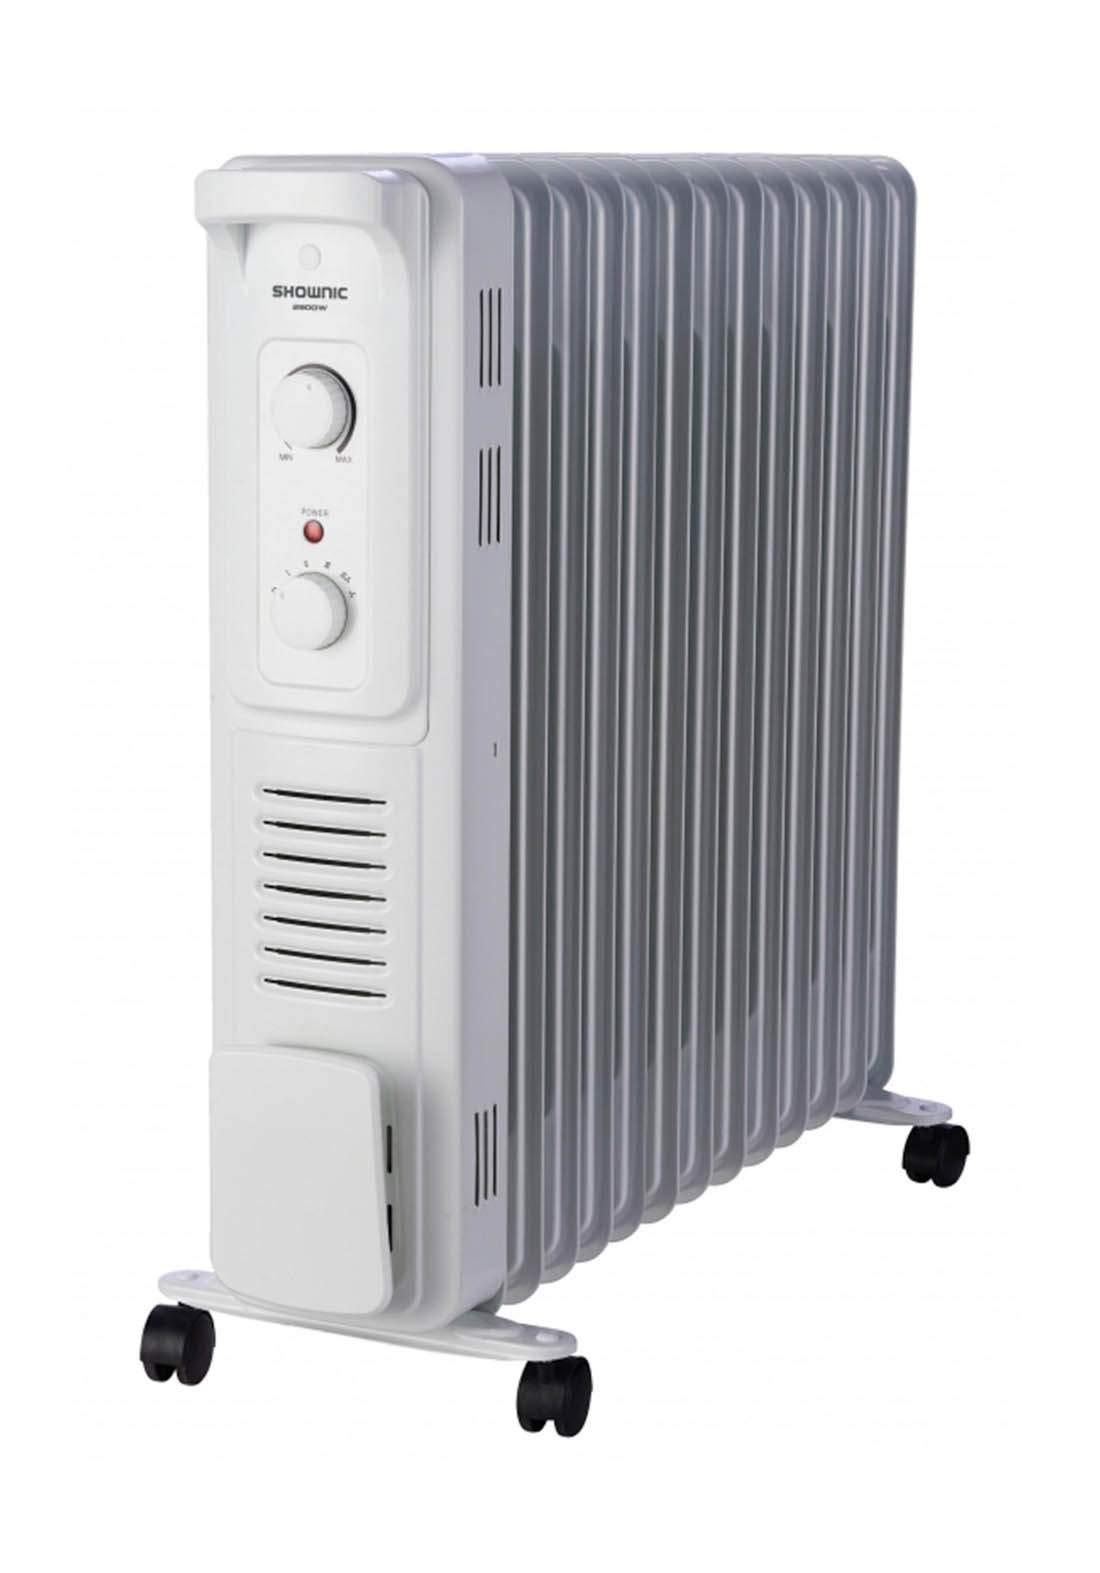 Shownic QL-13K29FW Oil Heater 13 Fins, 2900W with Fan مدفئة زيتية